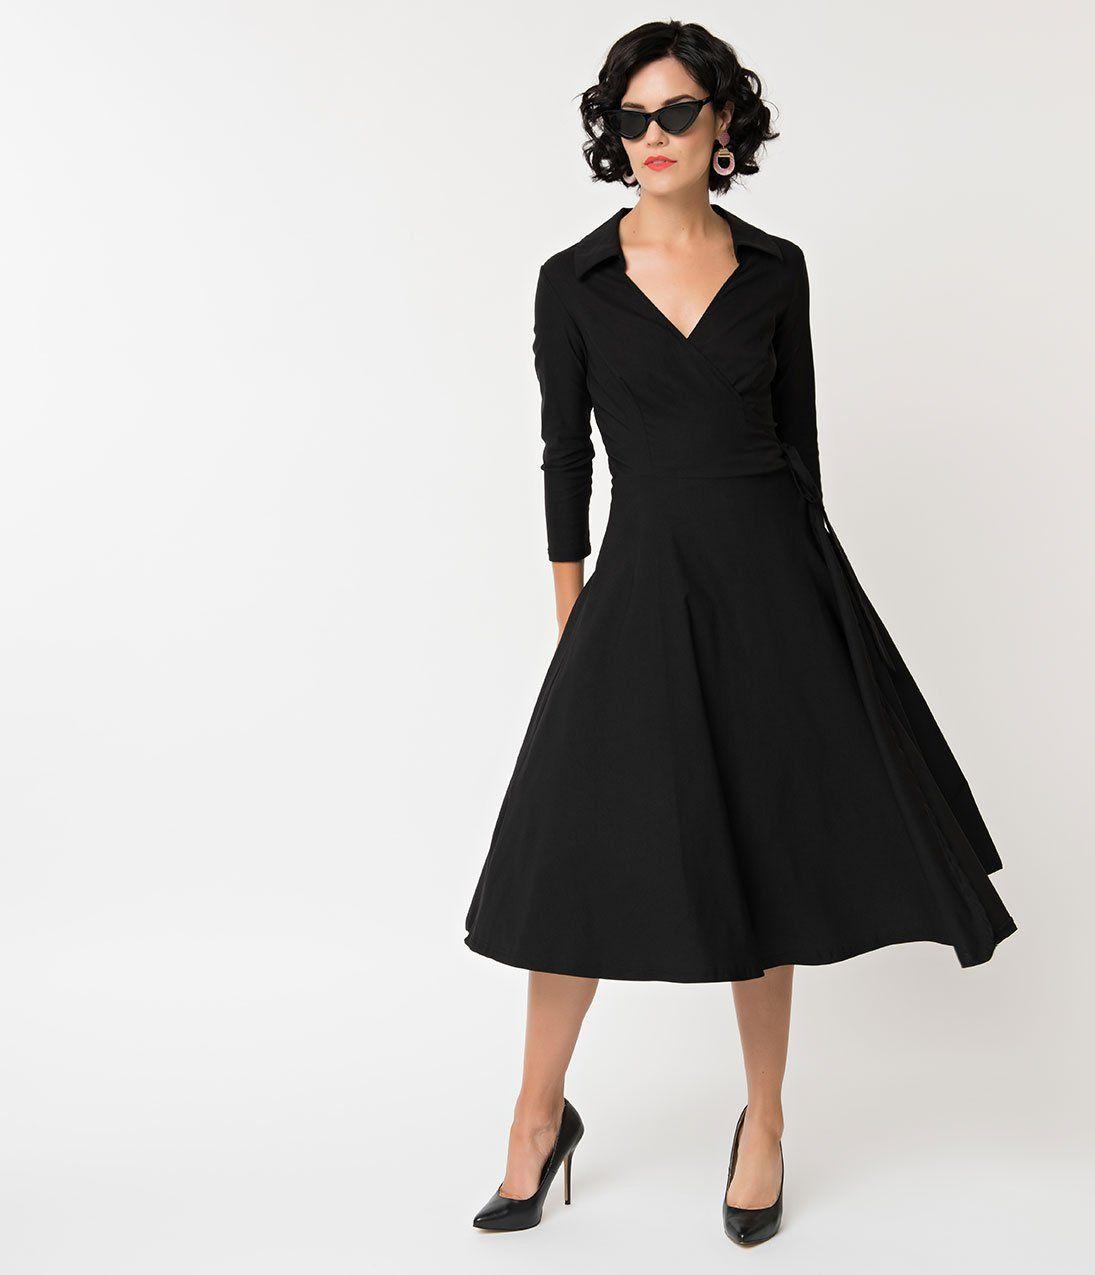 Unique Vintage 1950s Style Black Stretch Sleeved Anna Wrap Dress 1950s Fashion Dresses Vintage Dresses 50s 1950s Cocktail Dress [ 1275 x 1095 Pixel ]